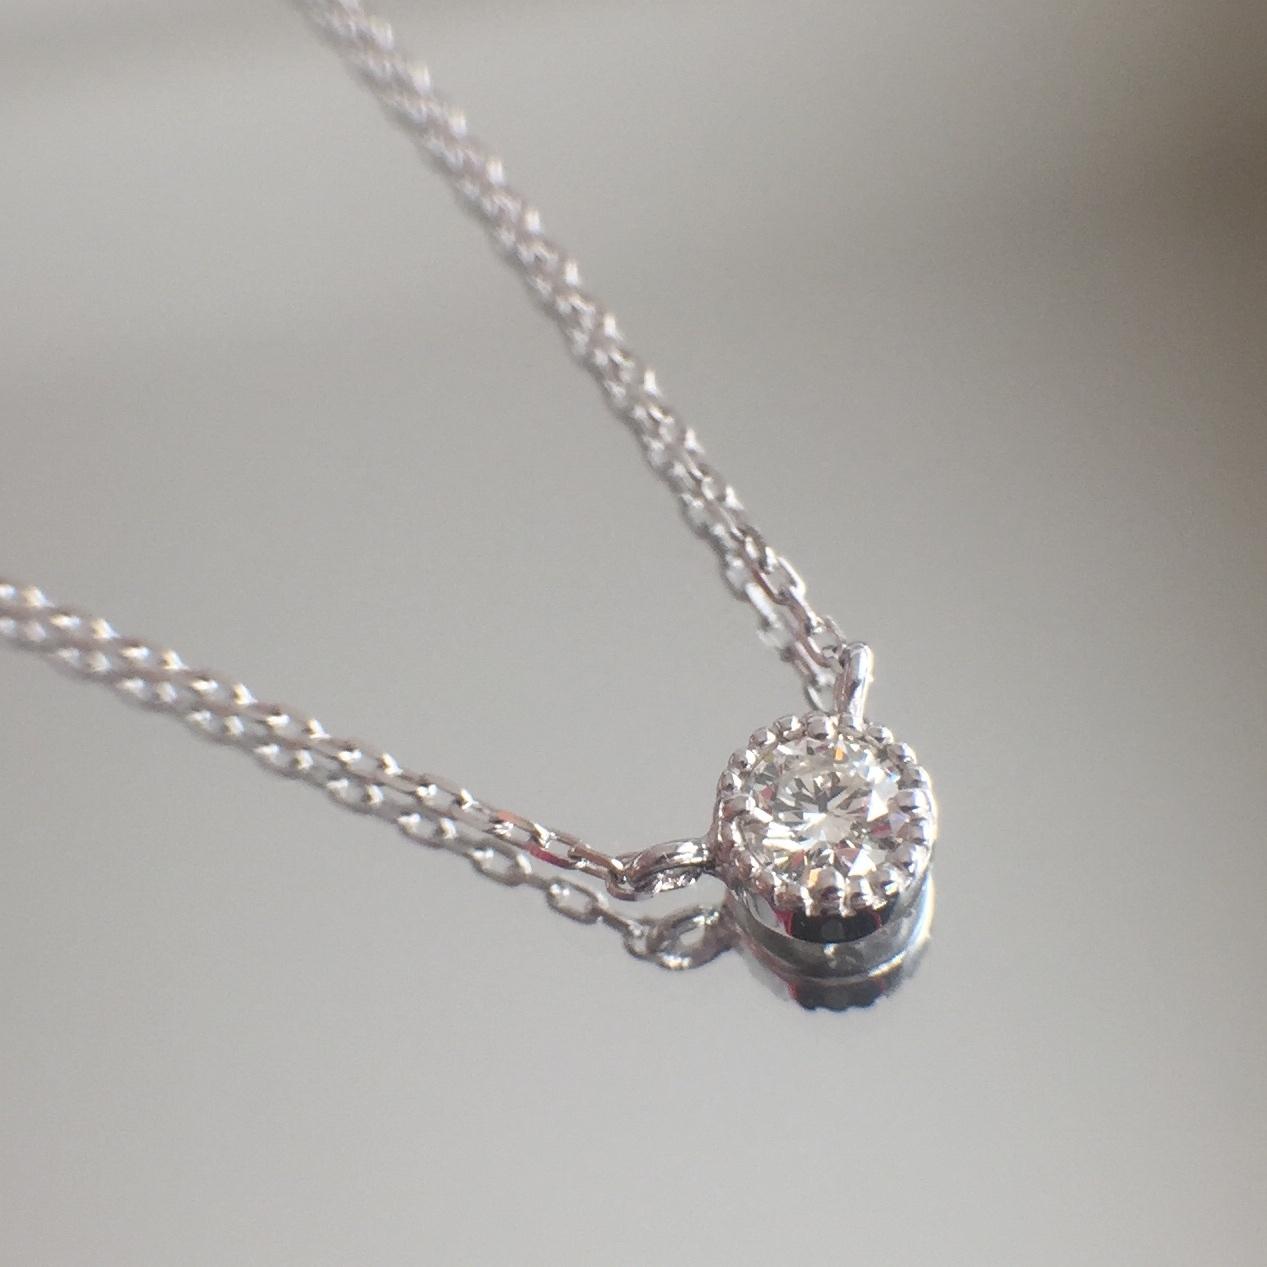 ダイヤモンド ペンダント ミルグレイン 0.07ct K10ホワイトゴールド  チェカ